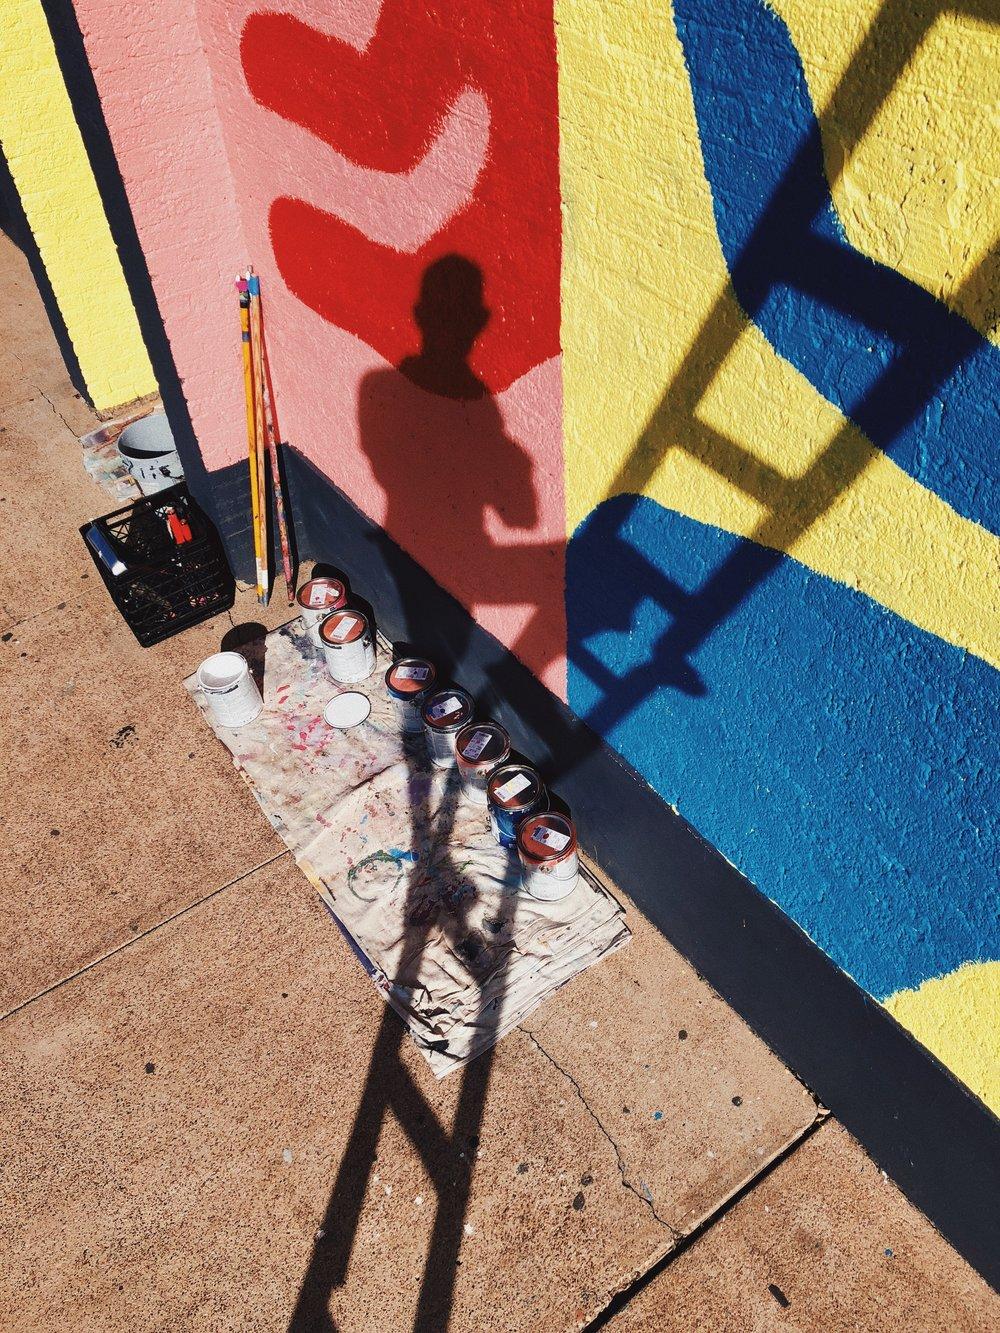 Kyle Steed mural for Neighborhood Cellars